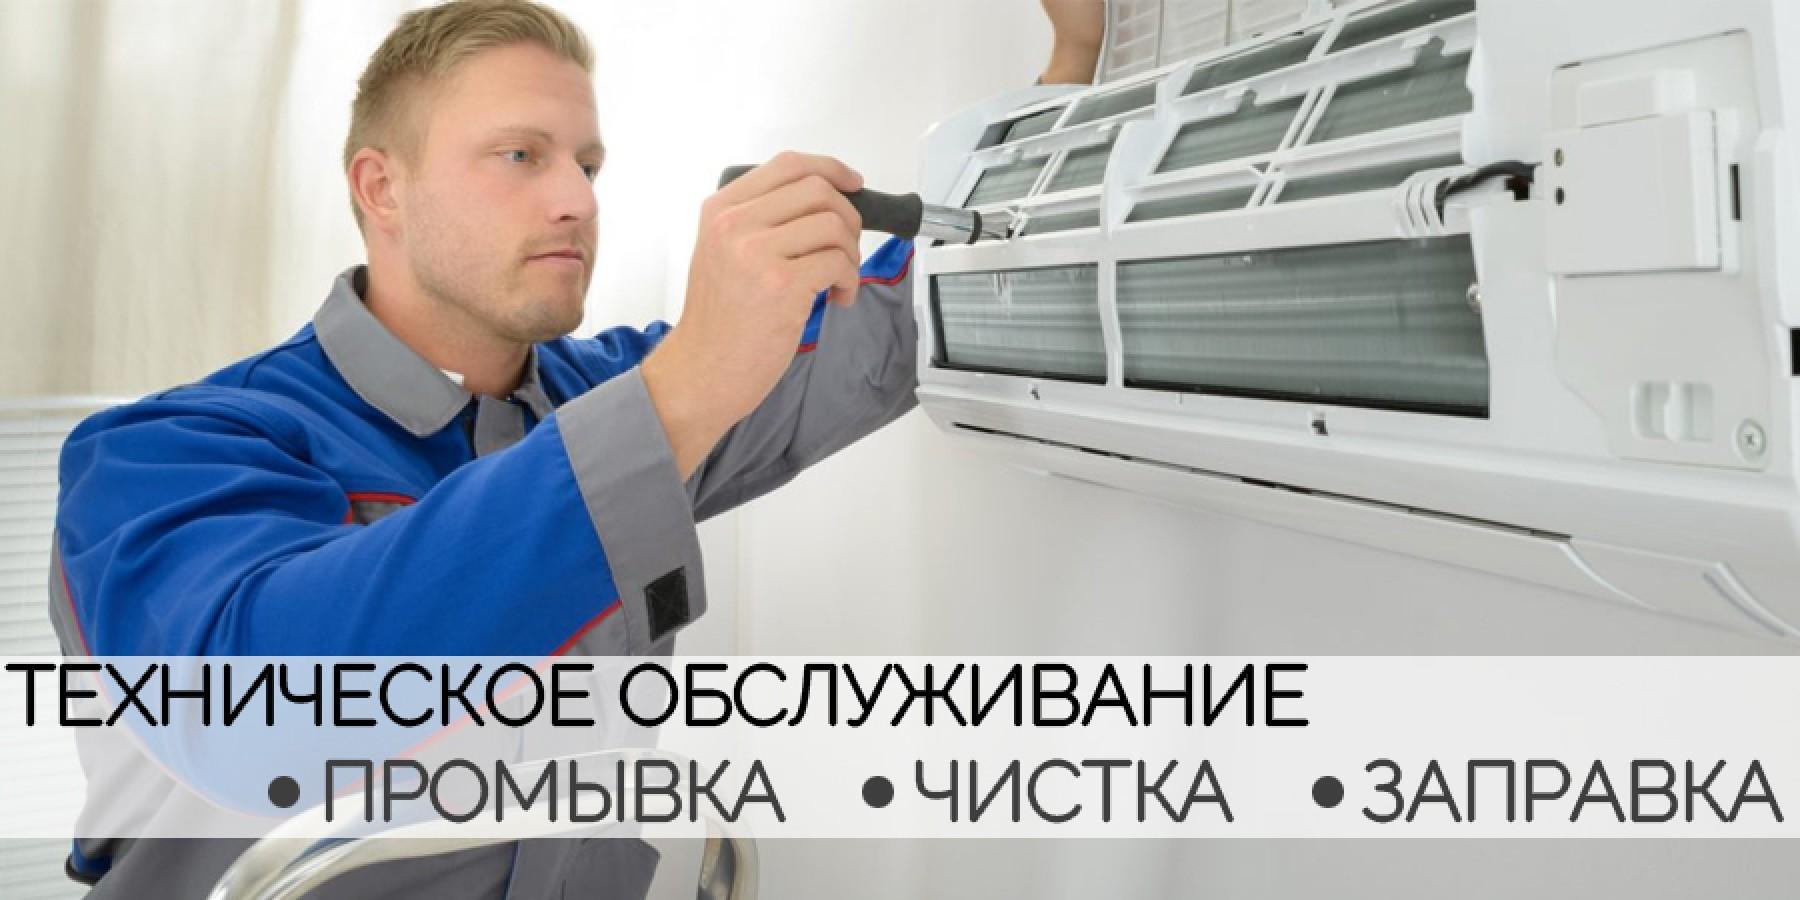 Техническое обслуживание + заправка кондиционера